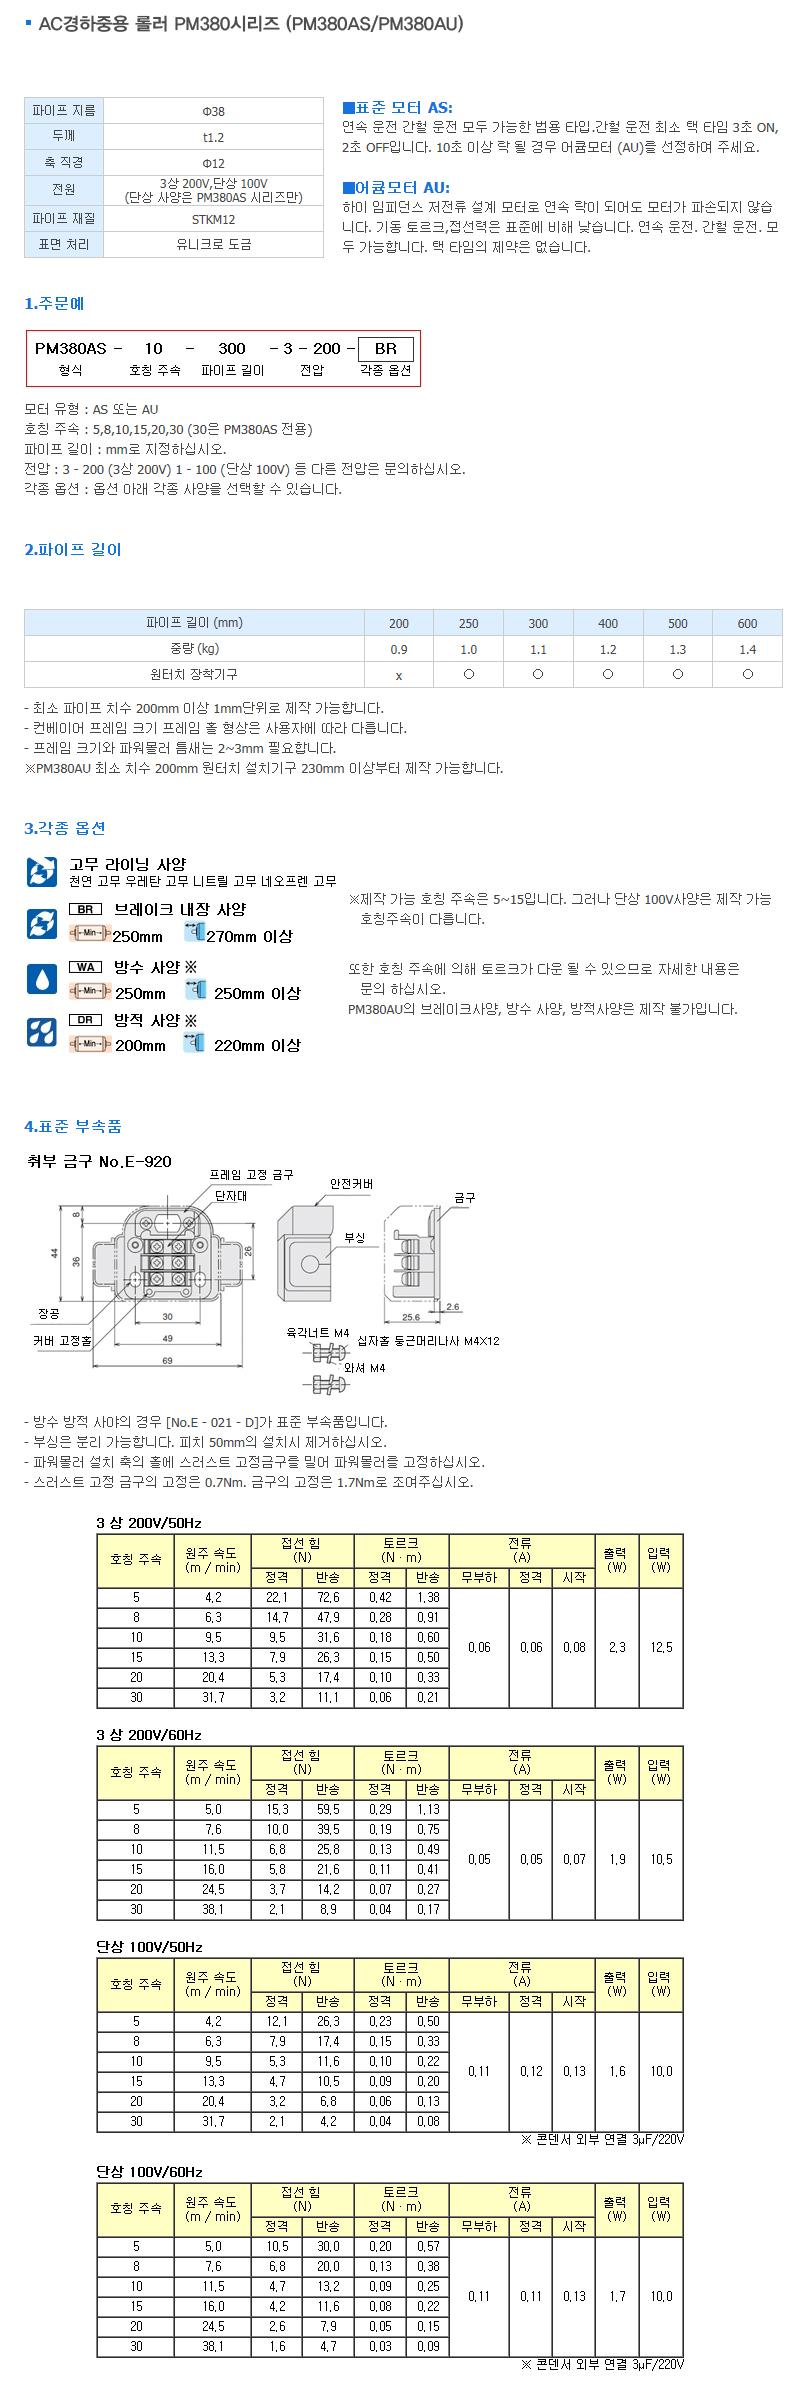 (주)은현산업 AC경하중용 롤러 PM380시리즈 PM380AS